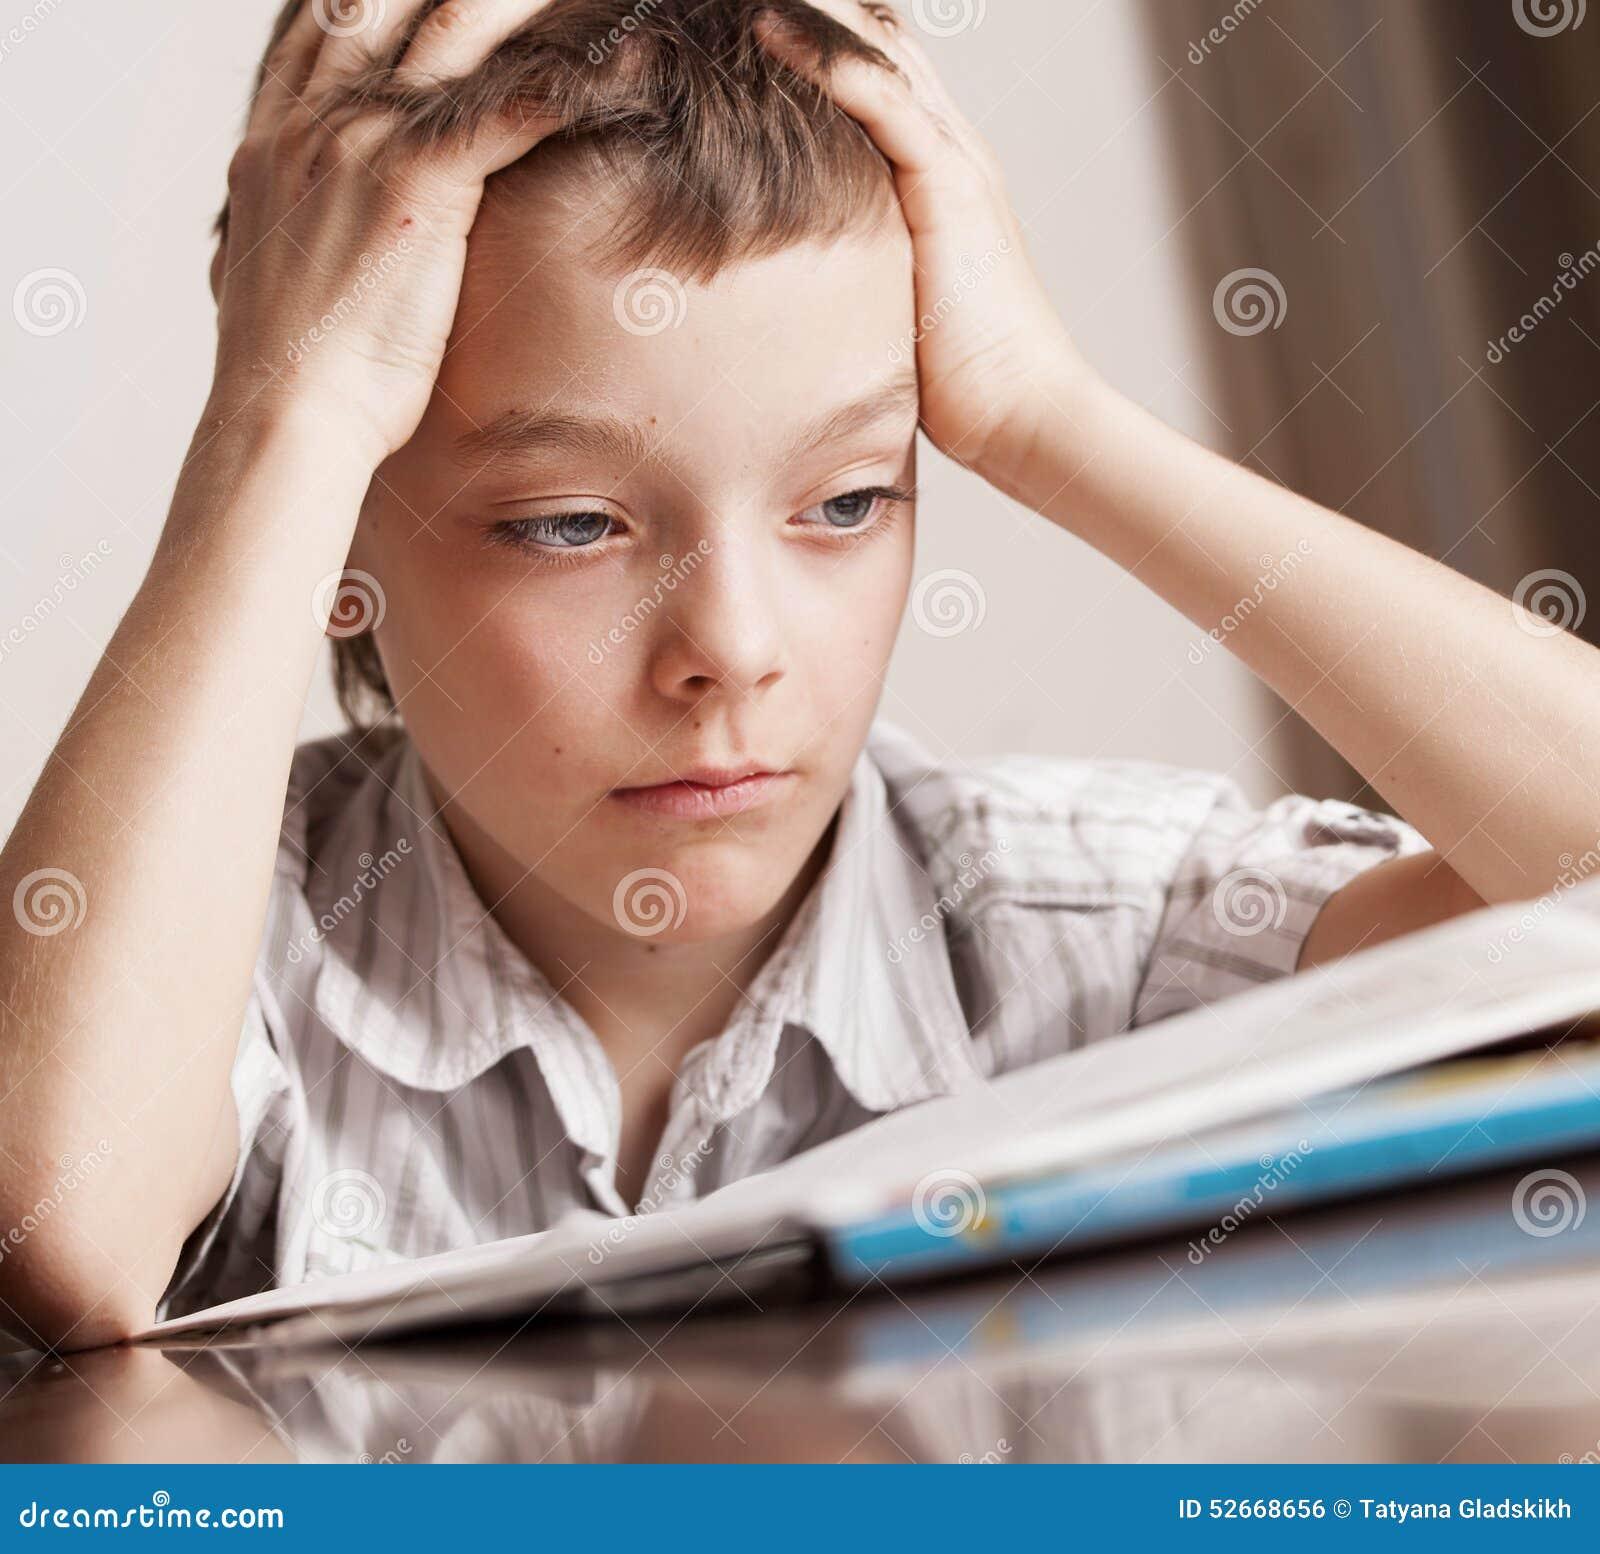 Sad: Sad Teen Doing Homework Stock Photo